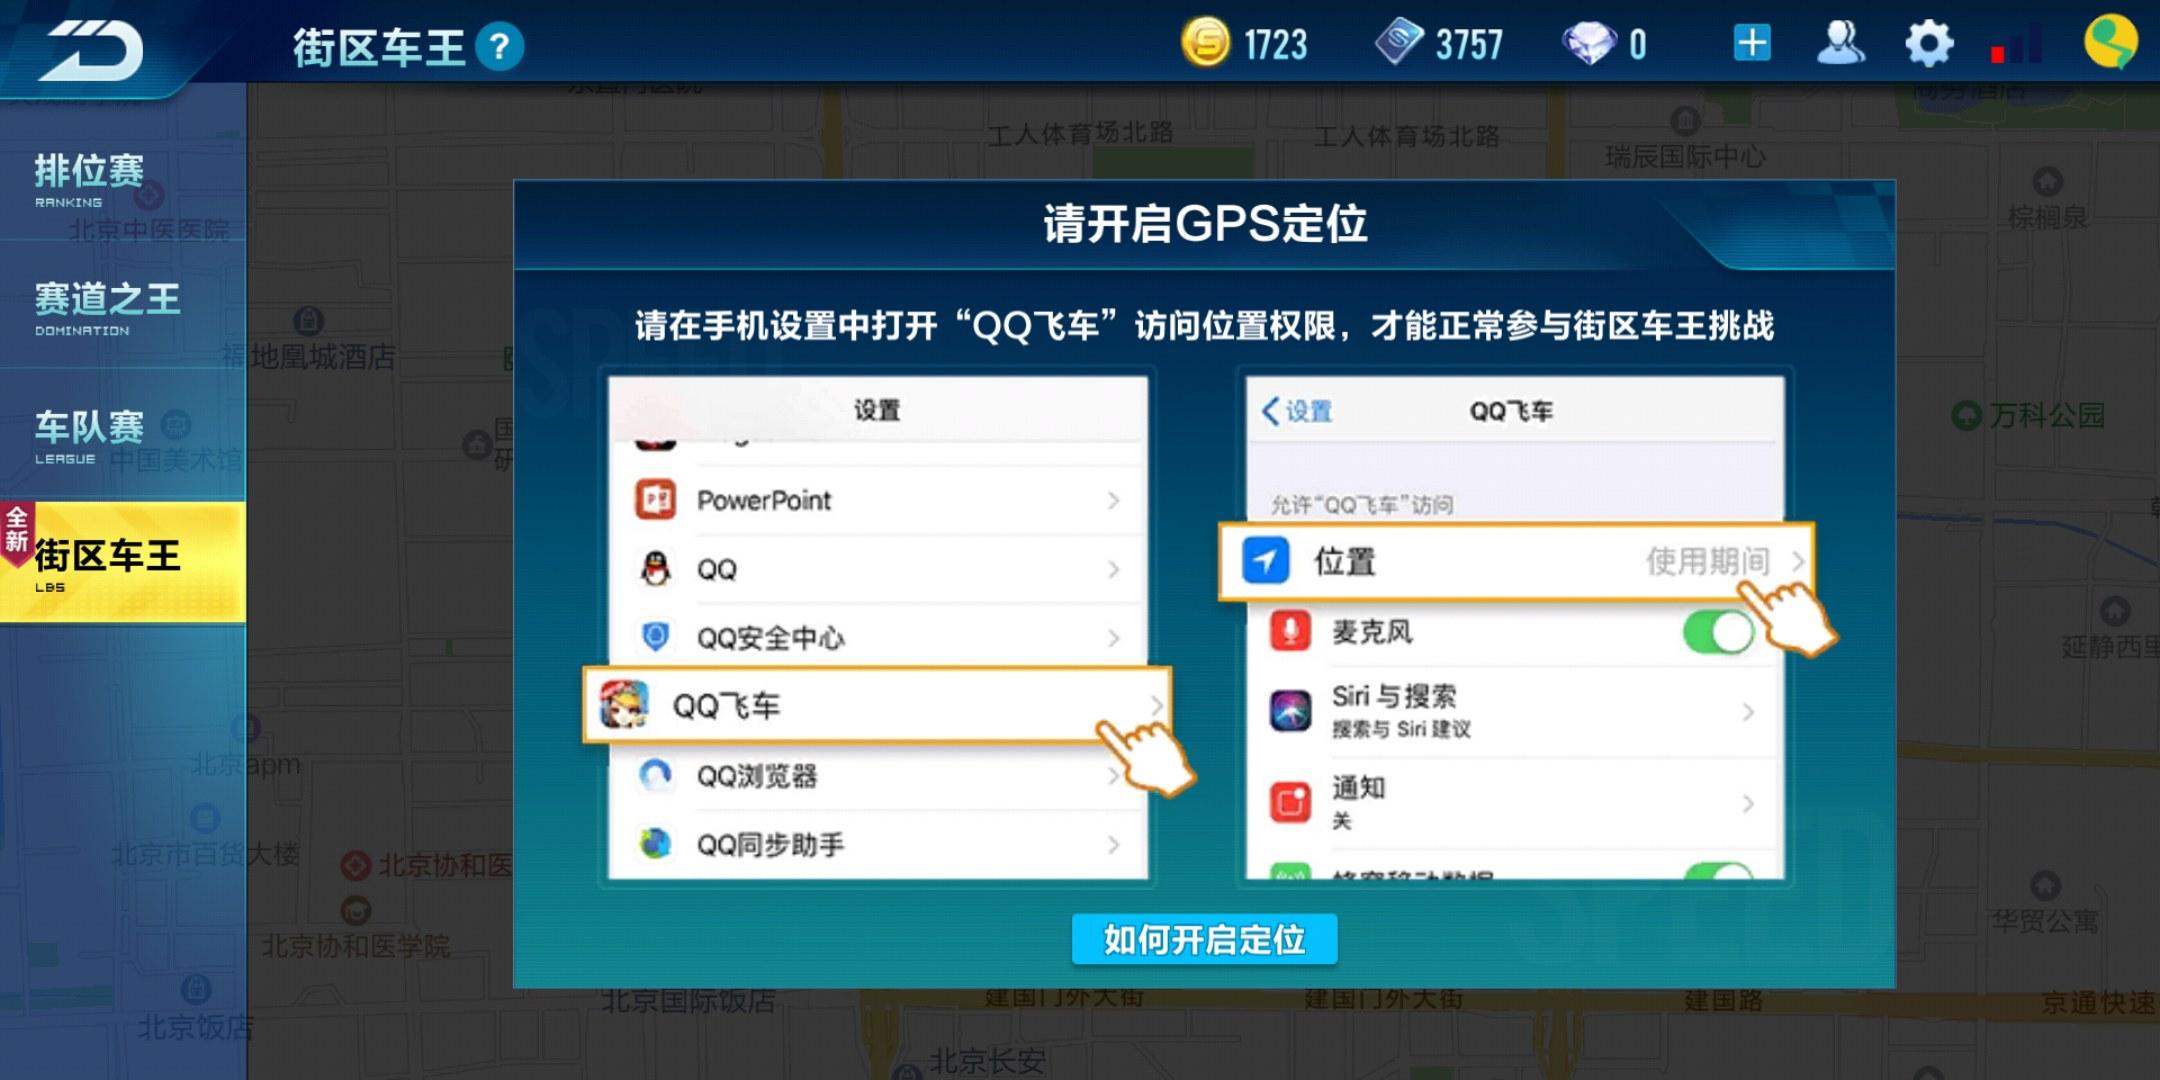 一加5t手游qq飞车允许定位为什么进去还是没开定位 OnePlus 5T 一加手机社区官方论坛